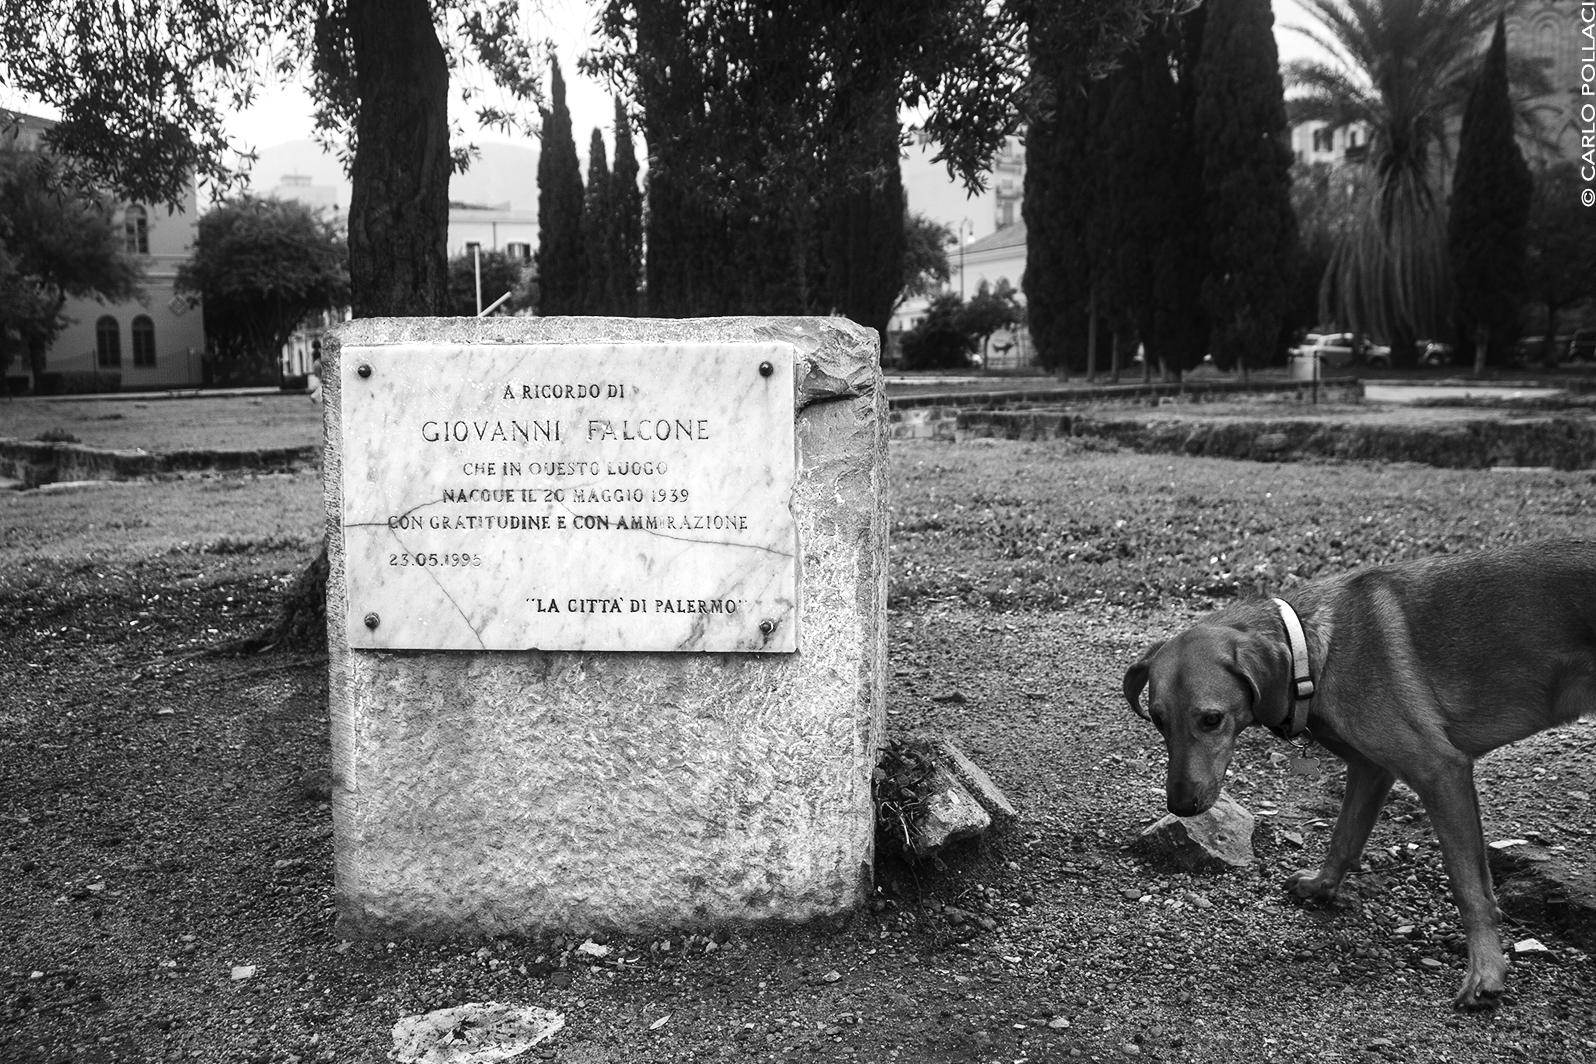 Commemorative plaque in memory of Giovanni Falcone